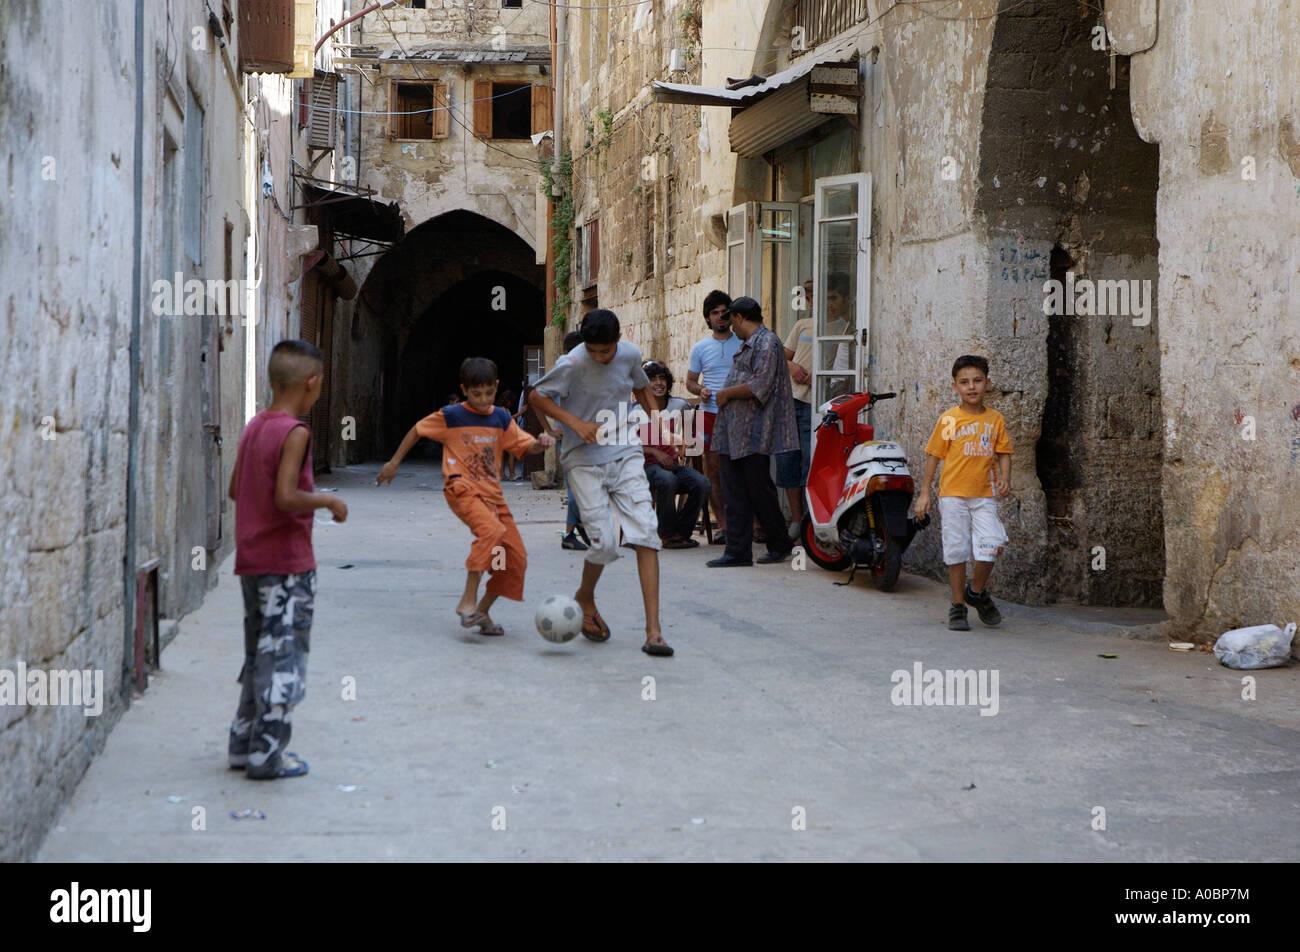 El histórico Mercado en el norte de la ciudad libanesa de Trípoli, Líbano. Imagen De Stock